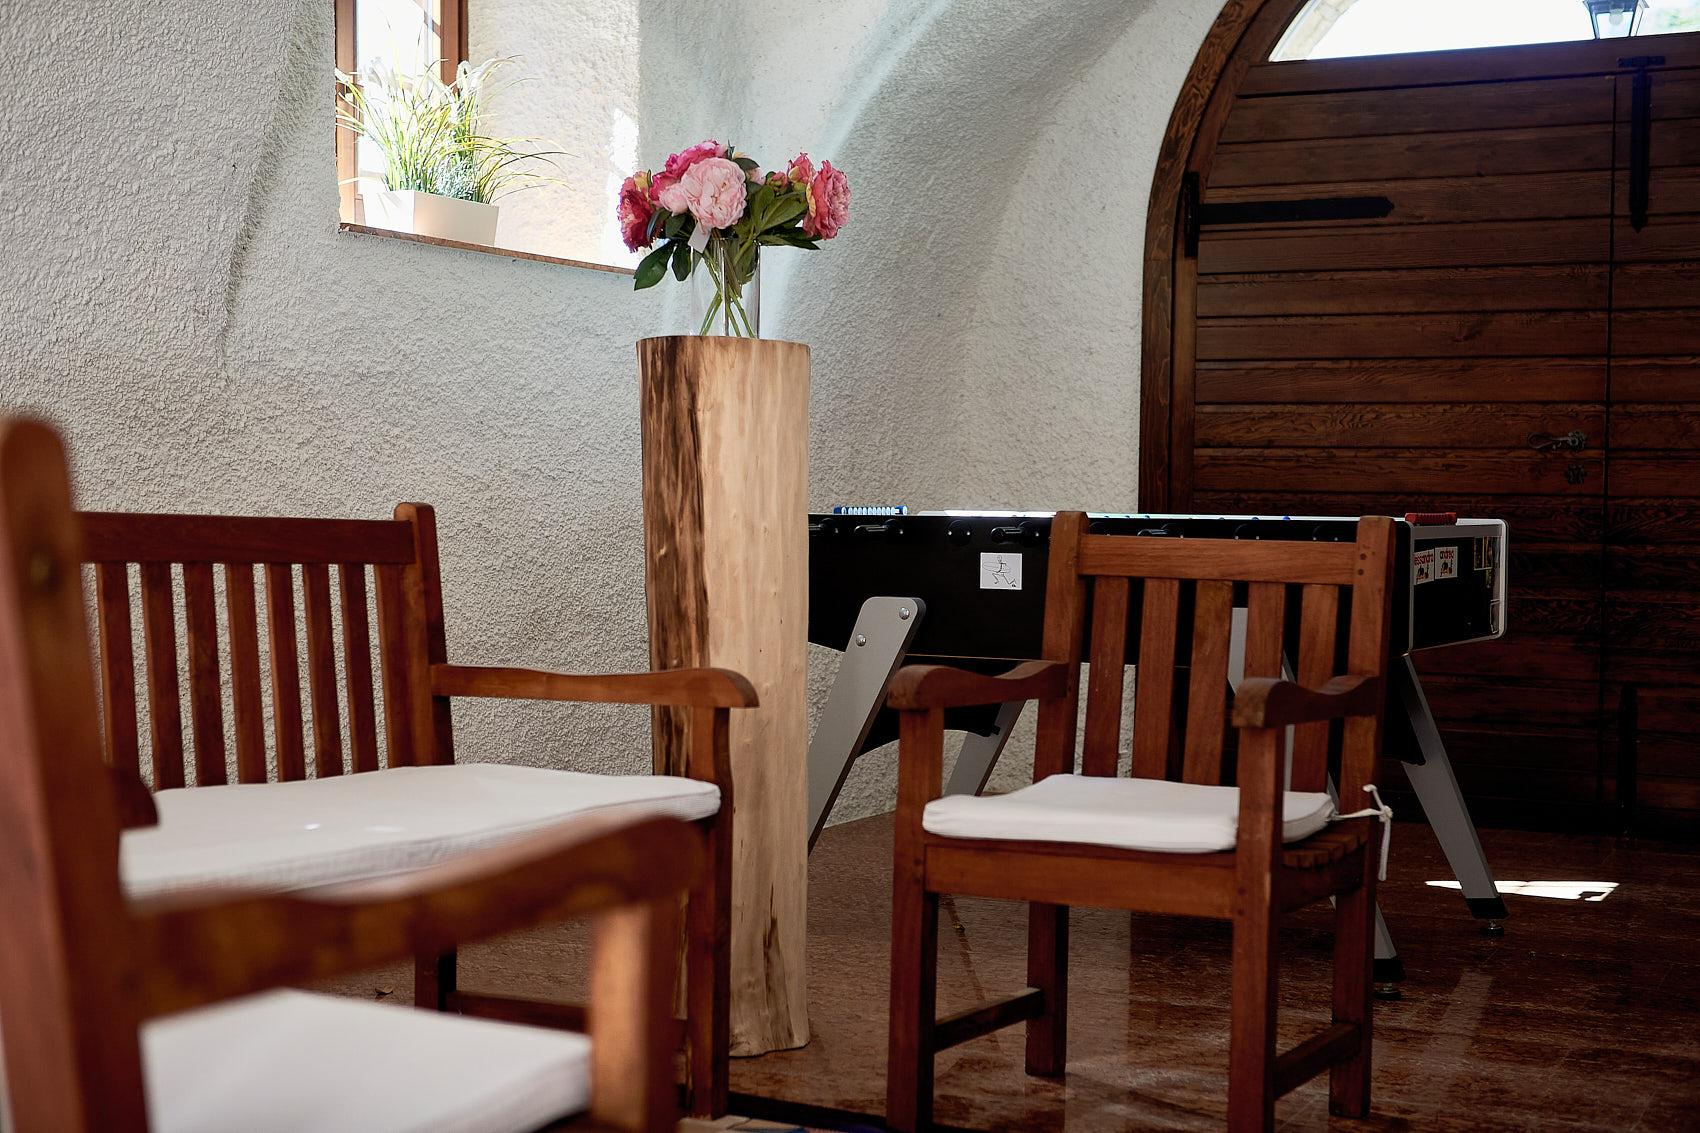 Residenza alle Grazie - zona relax - area comune